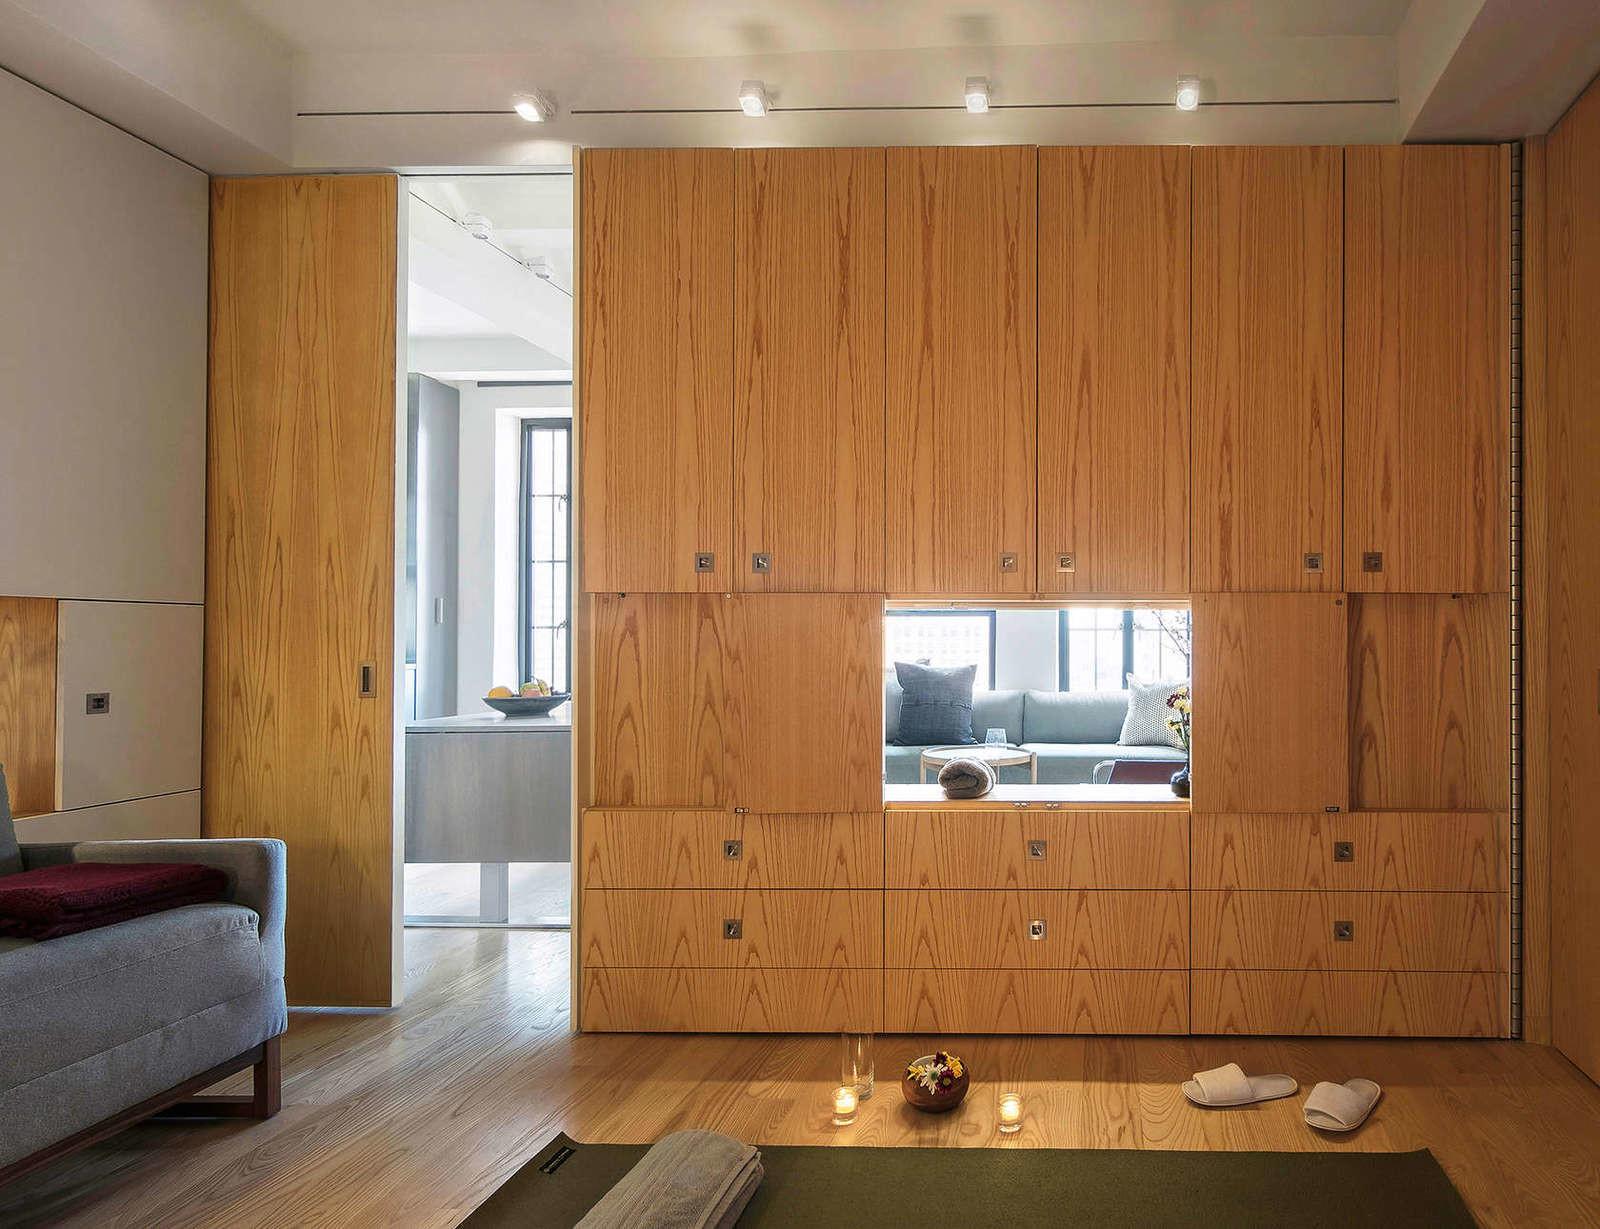 nestandarten-i-izkliuchitelno-funktsionalen-malak-apartament-37-m-910g